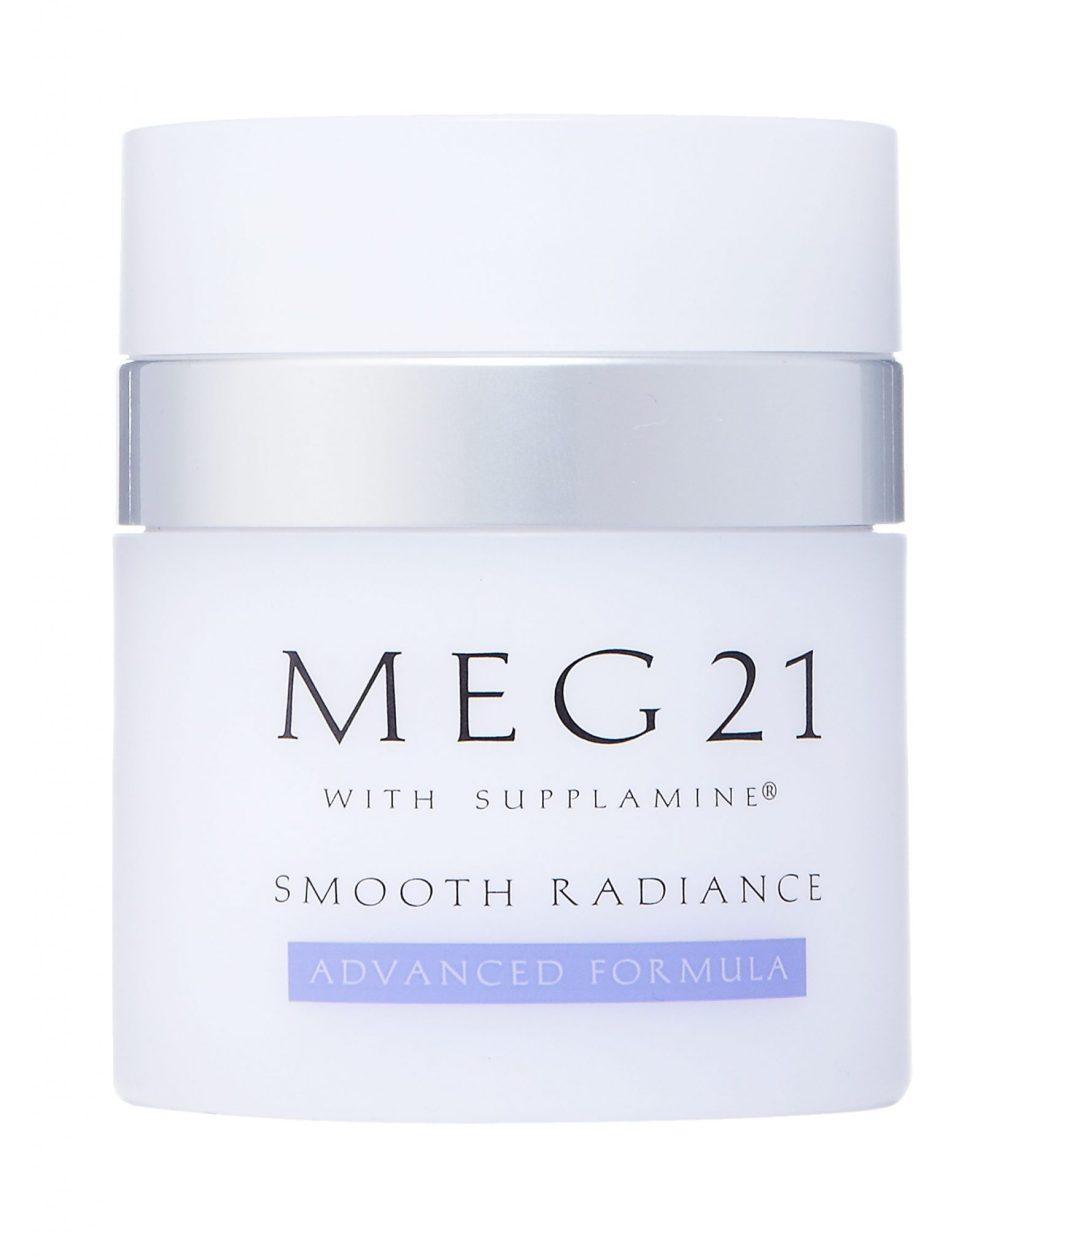 Advanced Formula Face Treatment